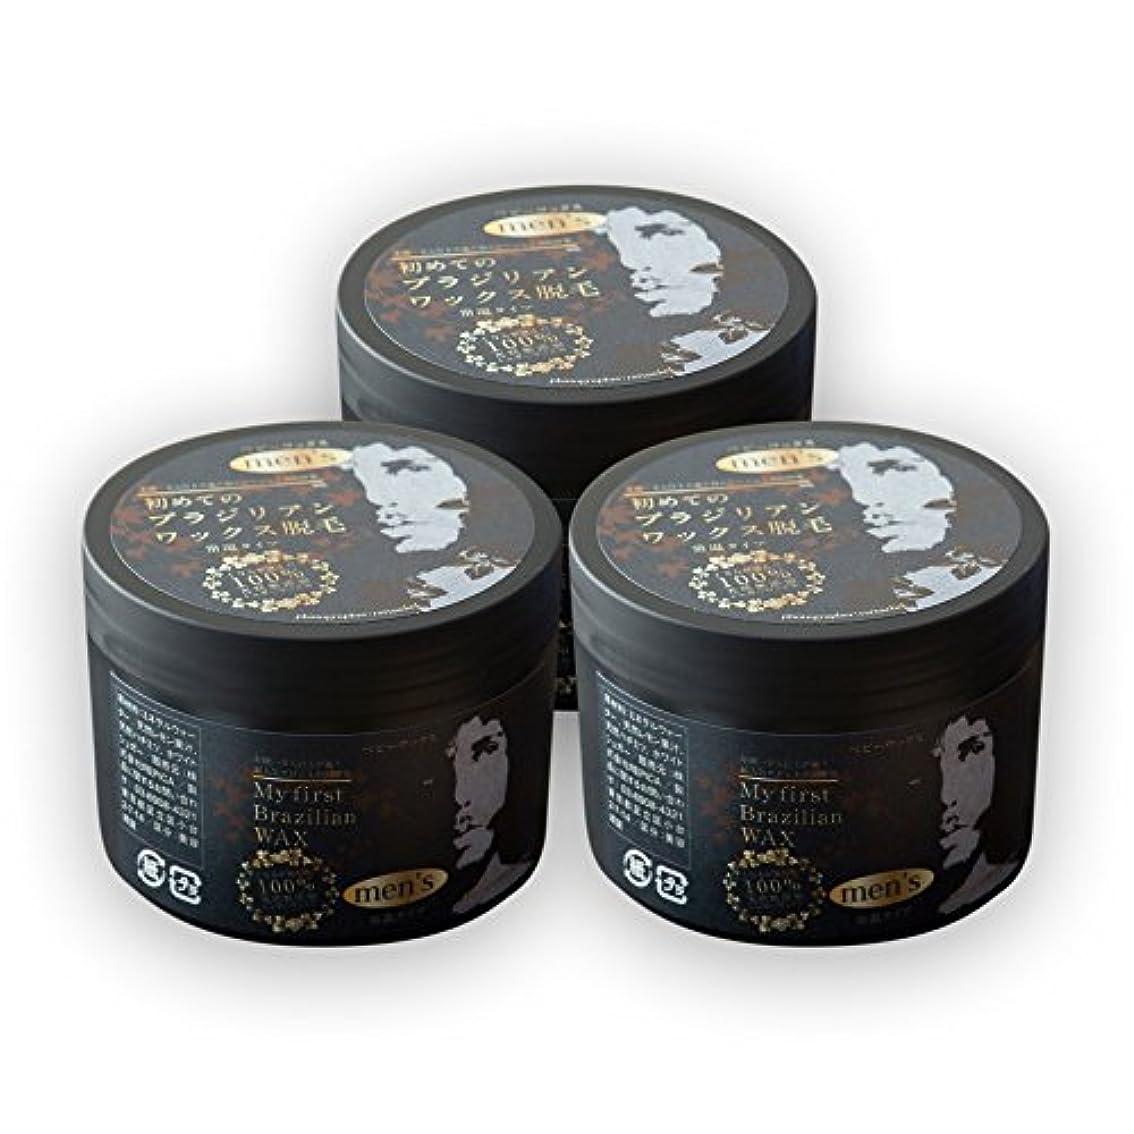 ピアースフレットカビ【単品】メンズ専 ブラジリアンワックス BABY WAX 専門サロンの初めてのブラジリアンワックス脱毛【100%国産無添加】 (3個セット)